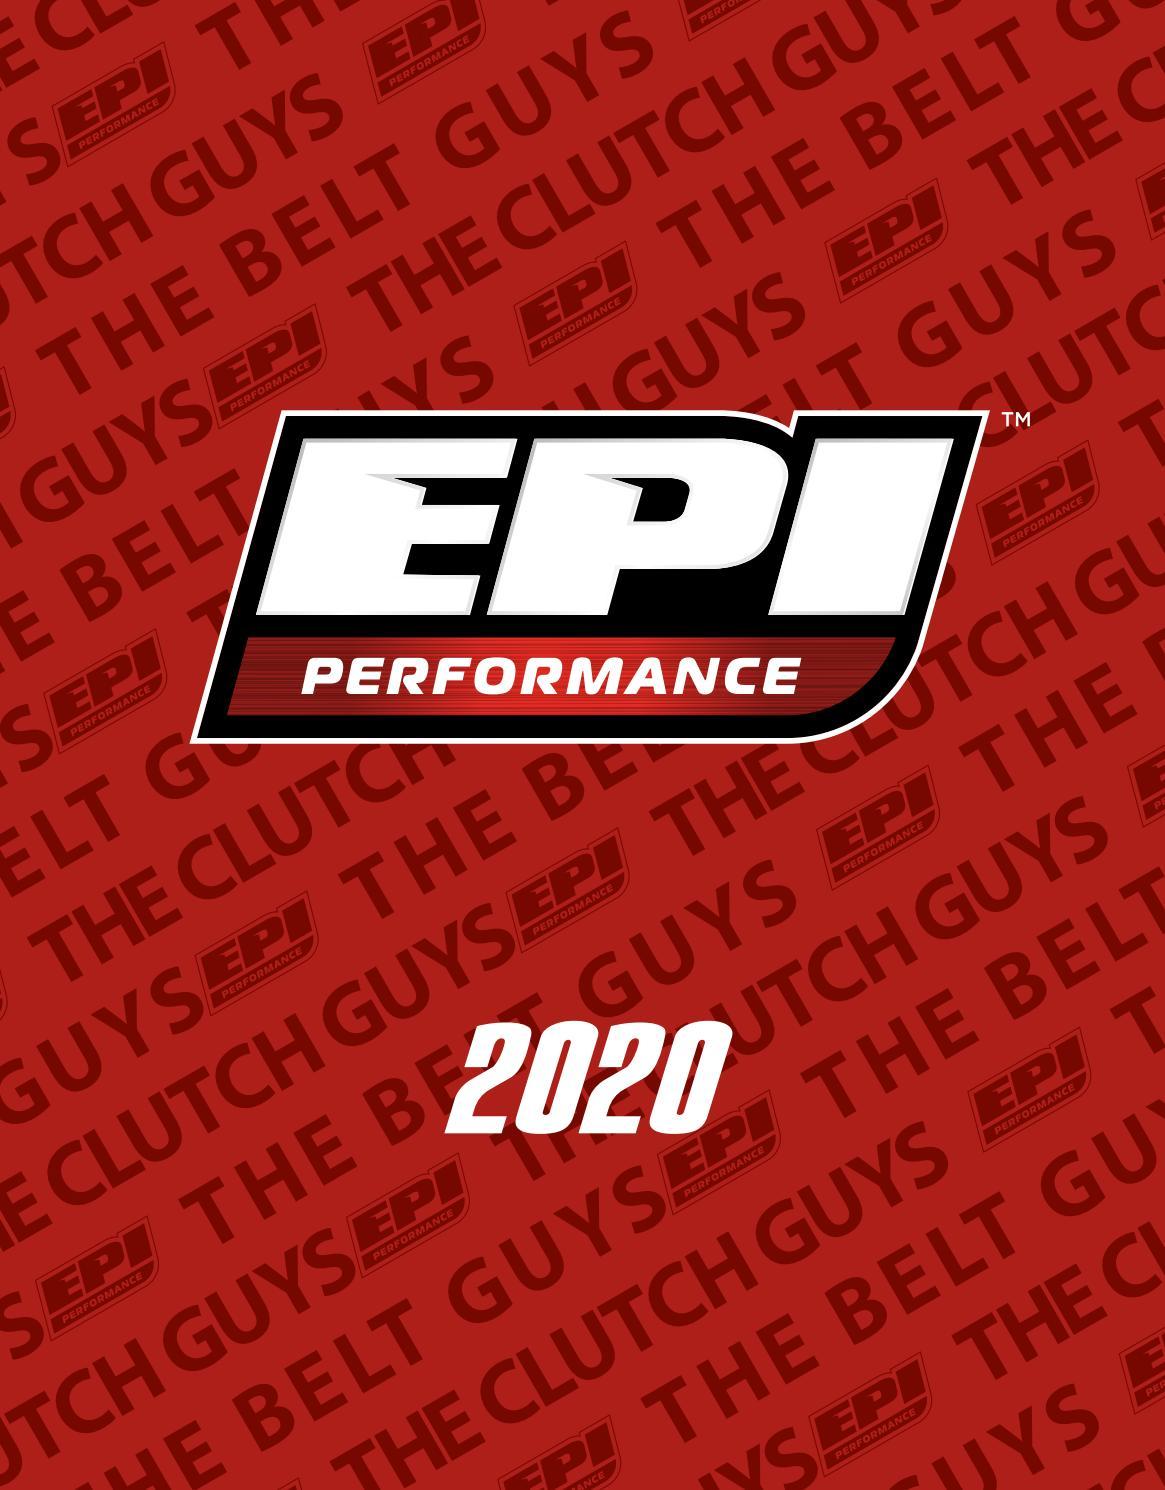 EPI Complete Wheel Shaft WE383019